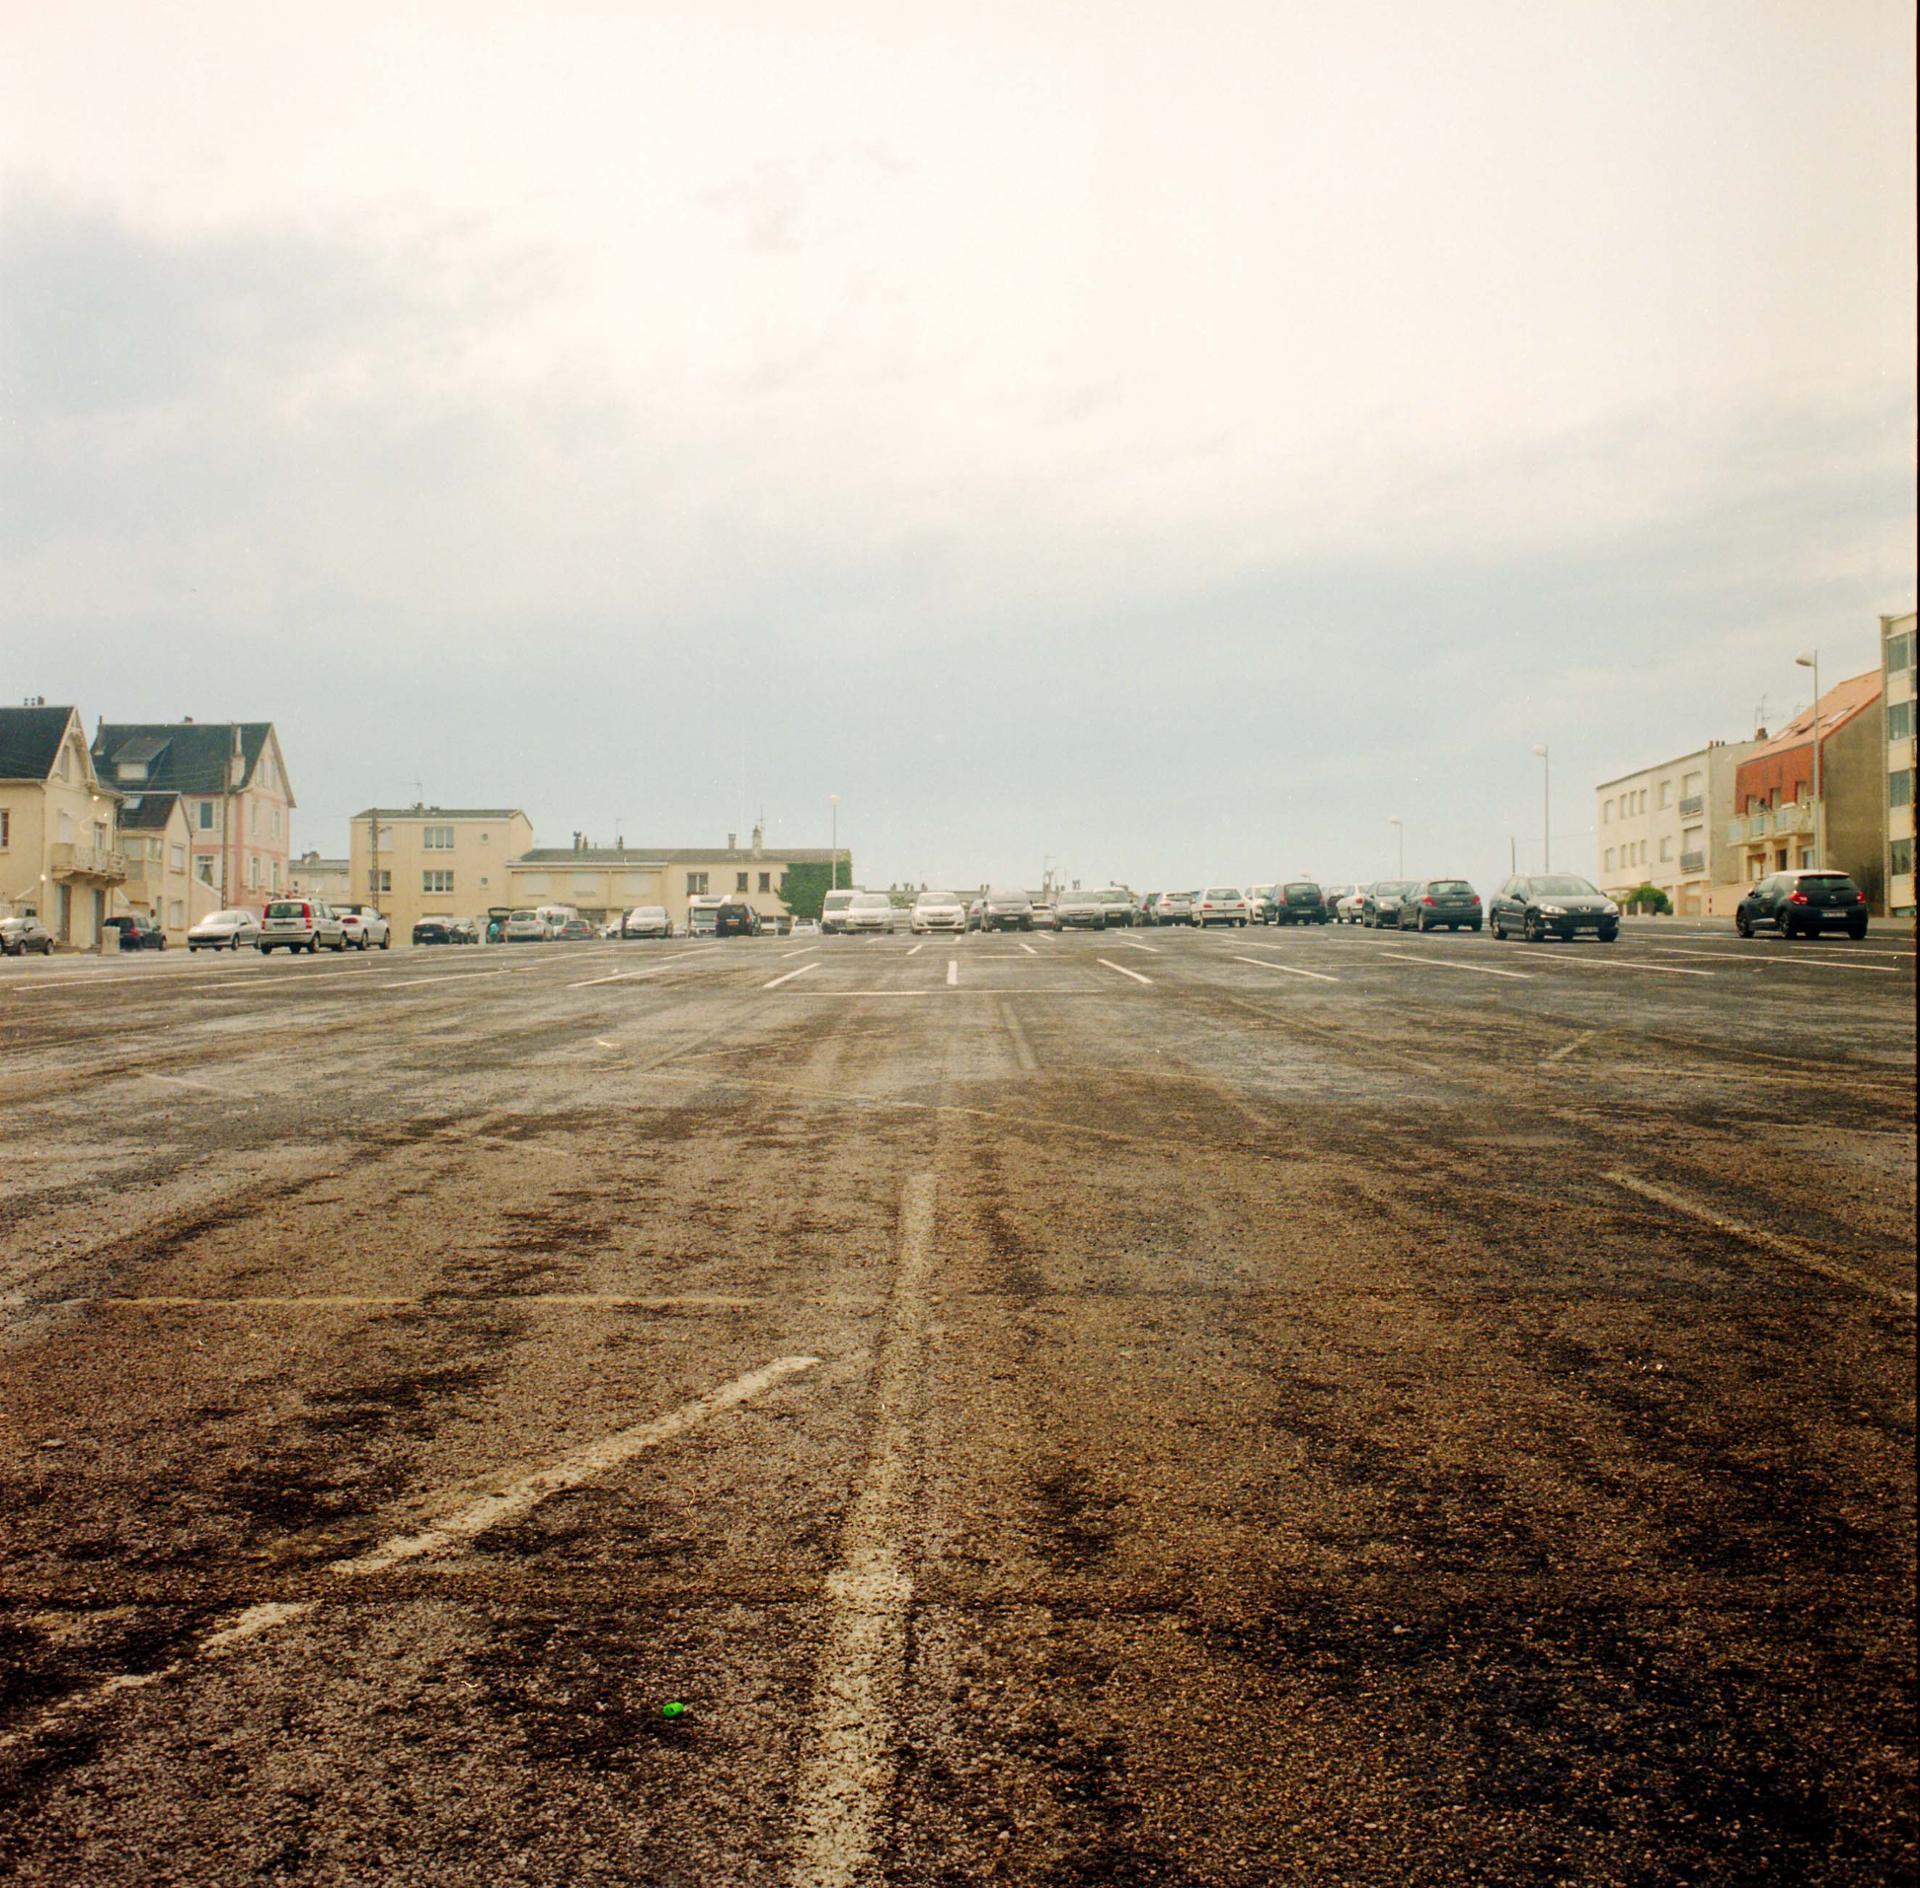 Le Parking de Berck plage